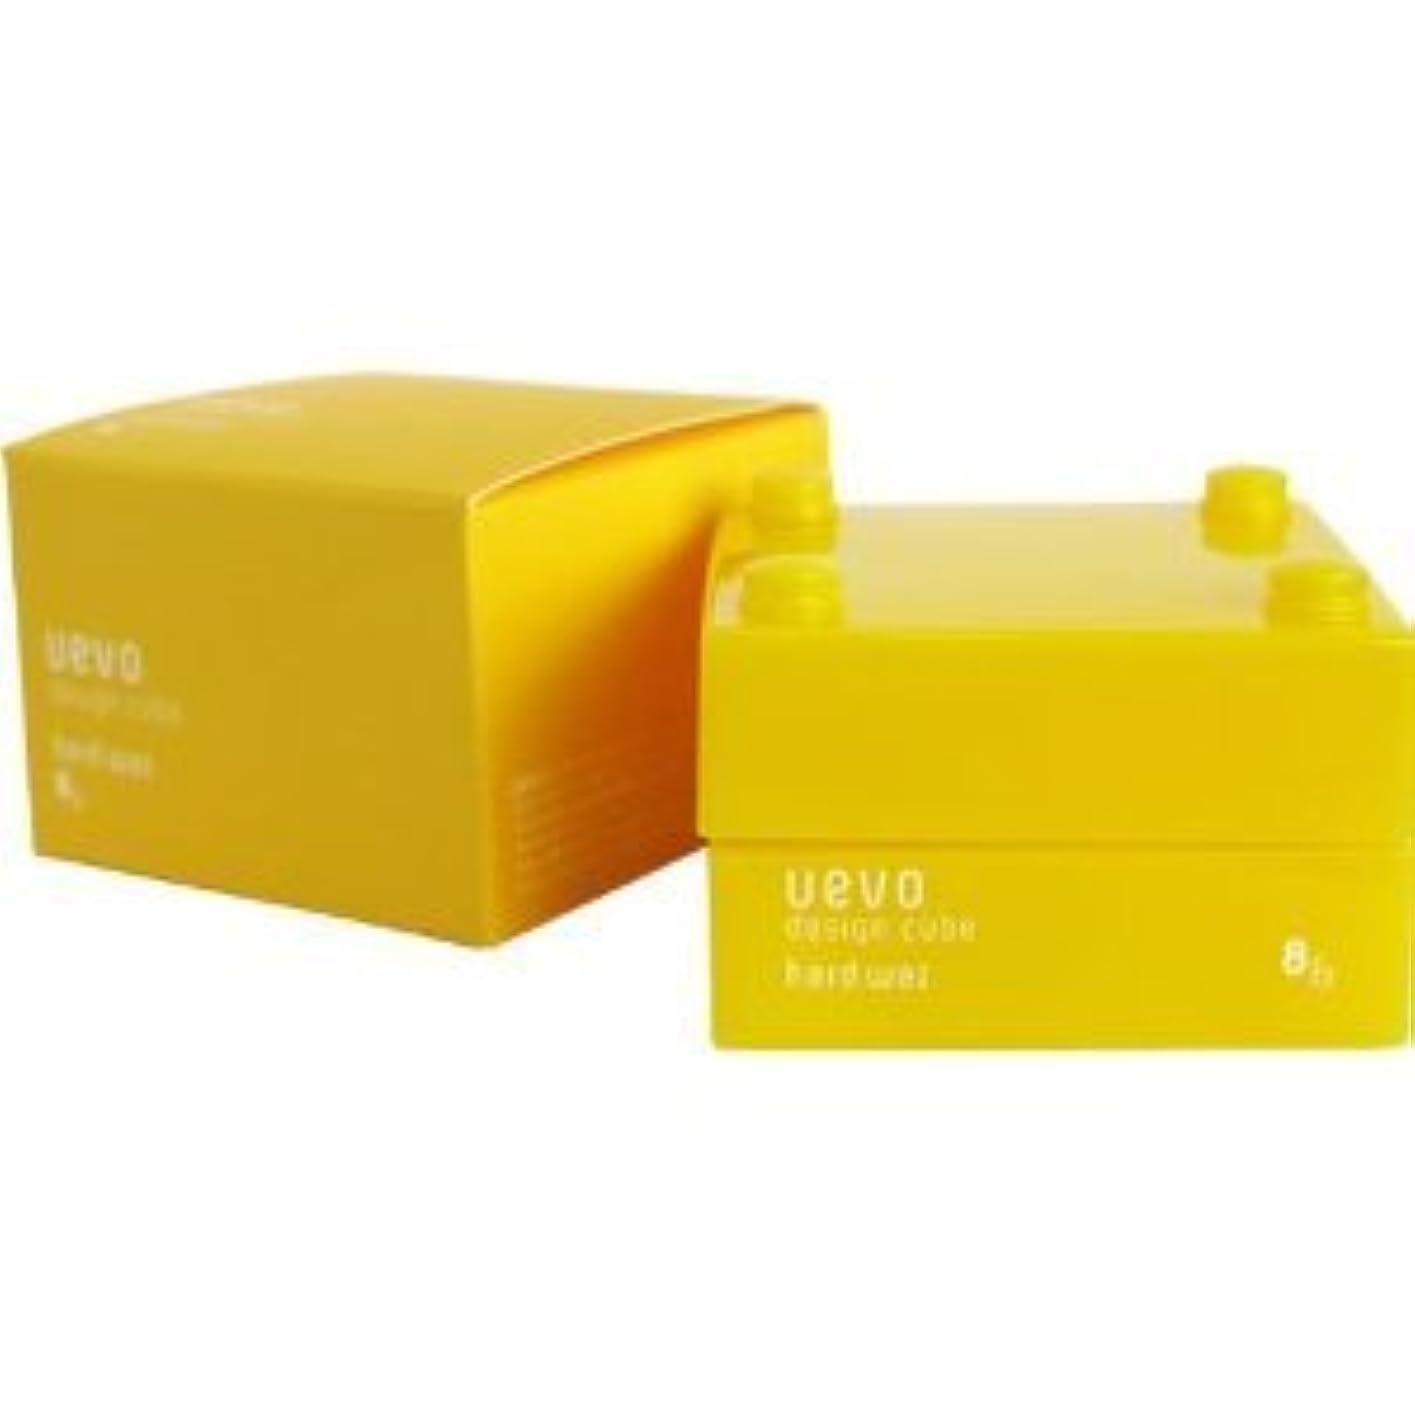 書店和男らしい【X2個セット】 デミ ウェーボ デザインキューブ ハードワックス 30g hard wax DEMI uevo design cube